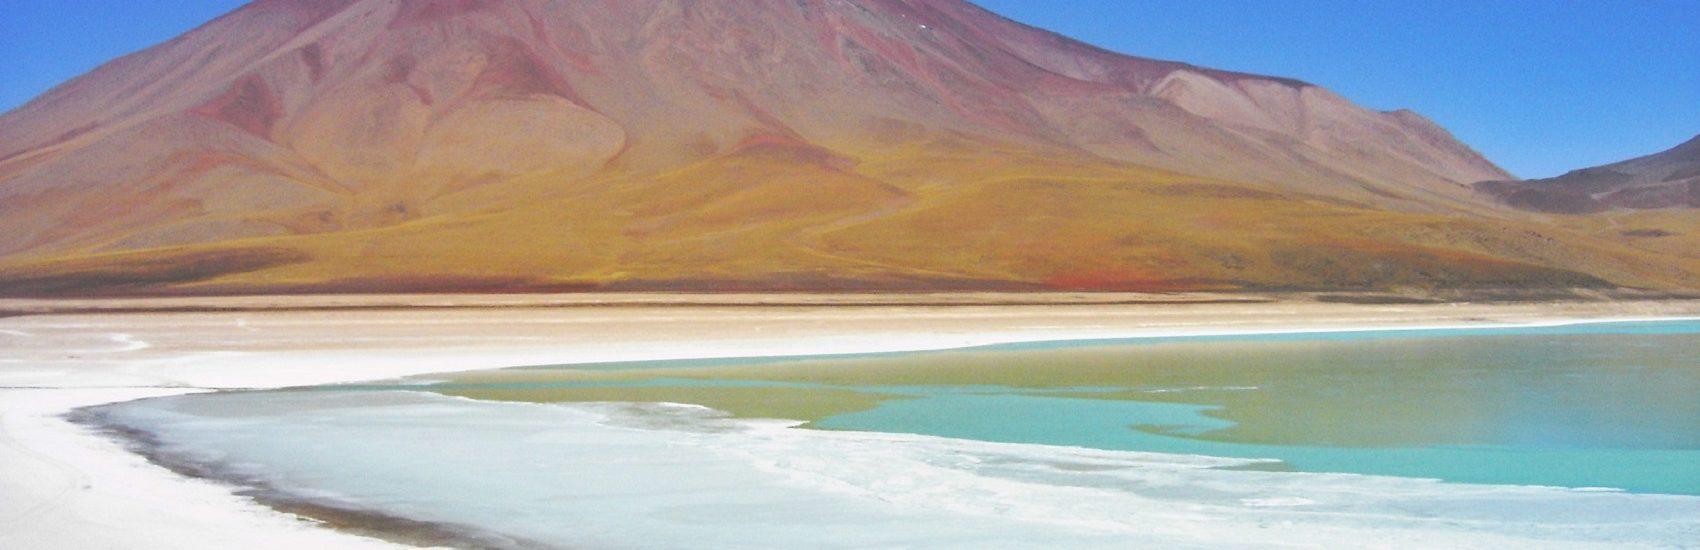 deserto de sal capa